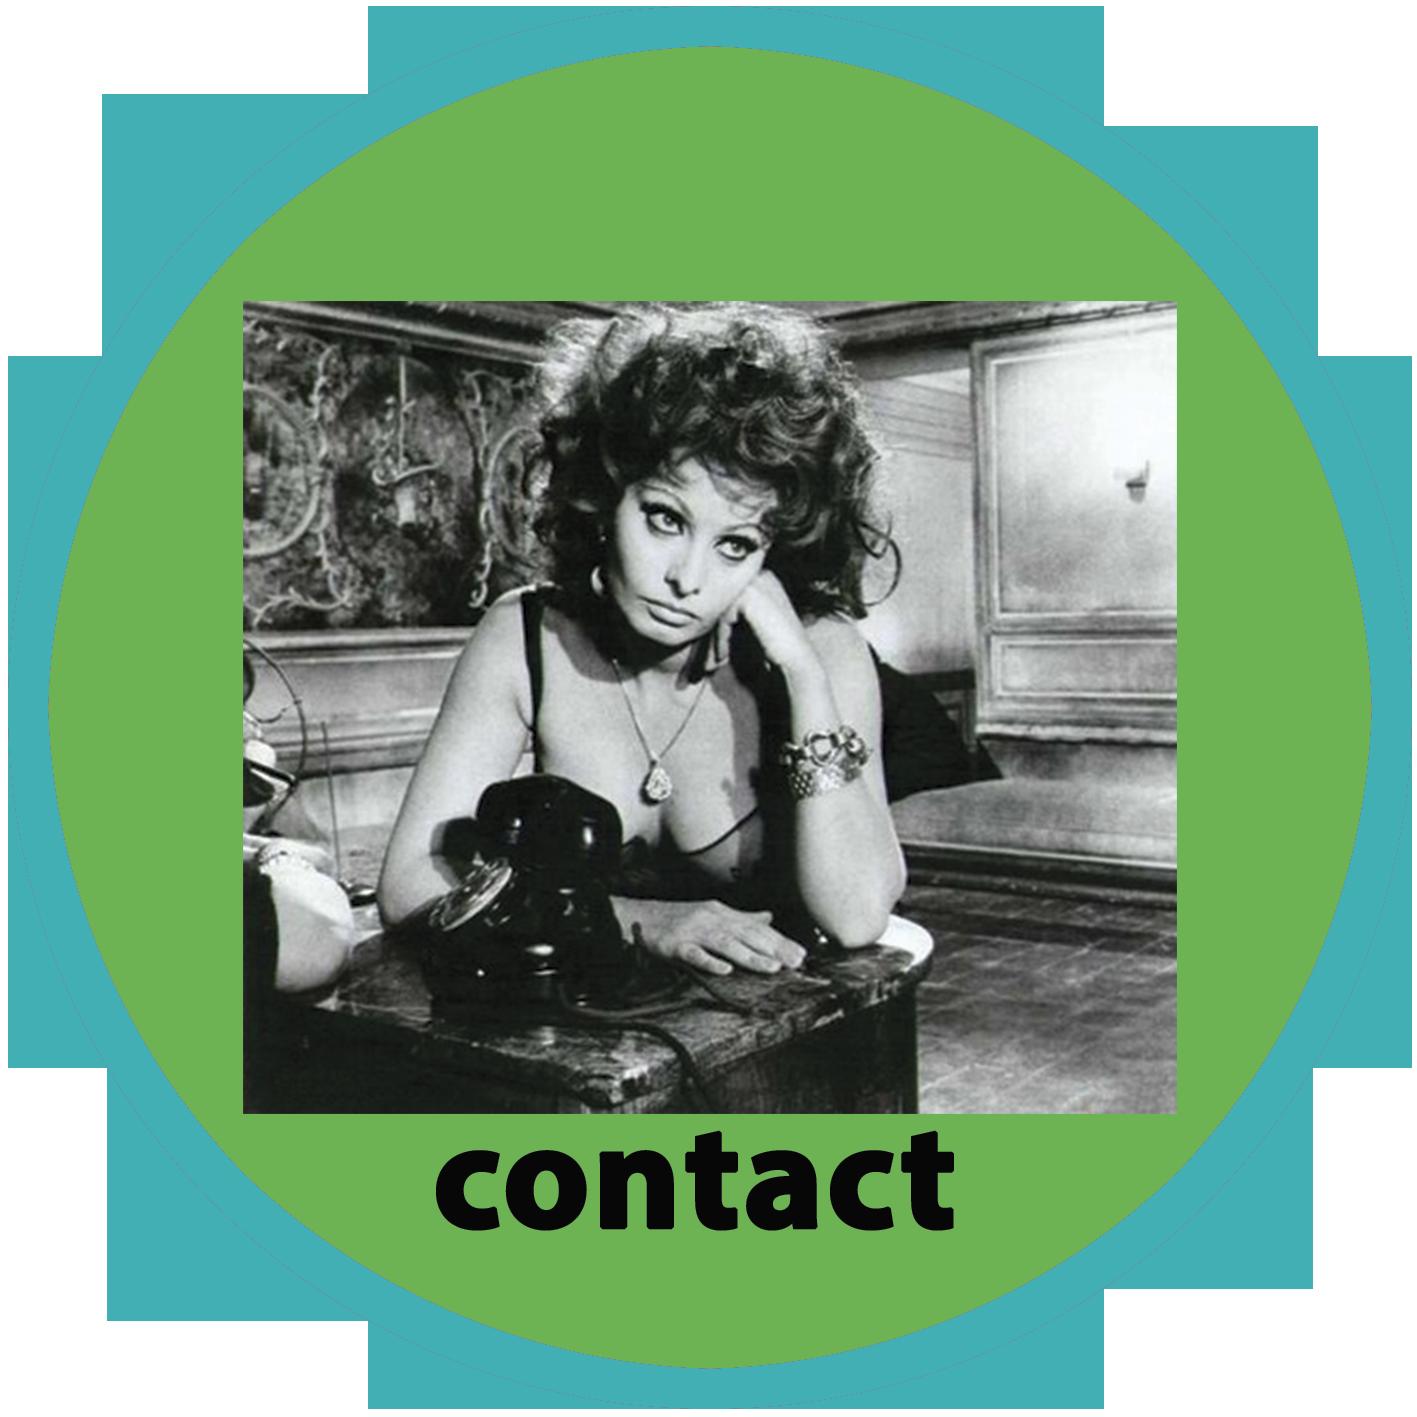 contact-tab-circle-biscotti-ori.png